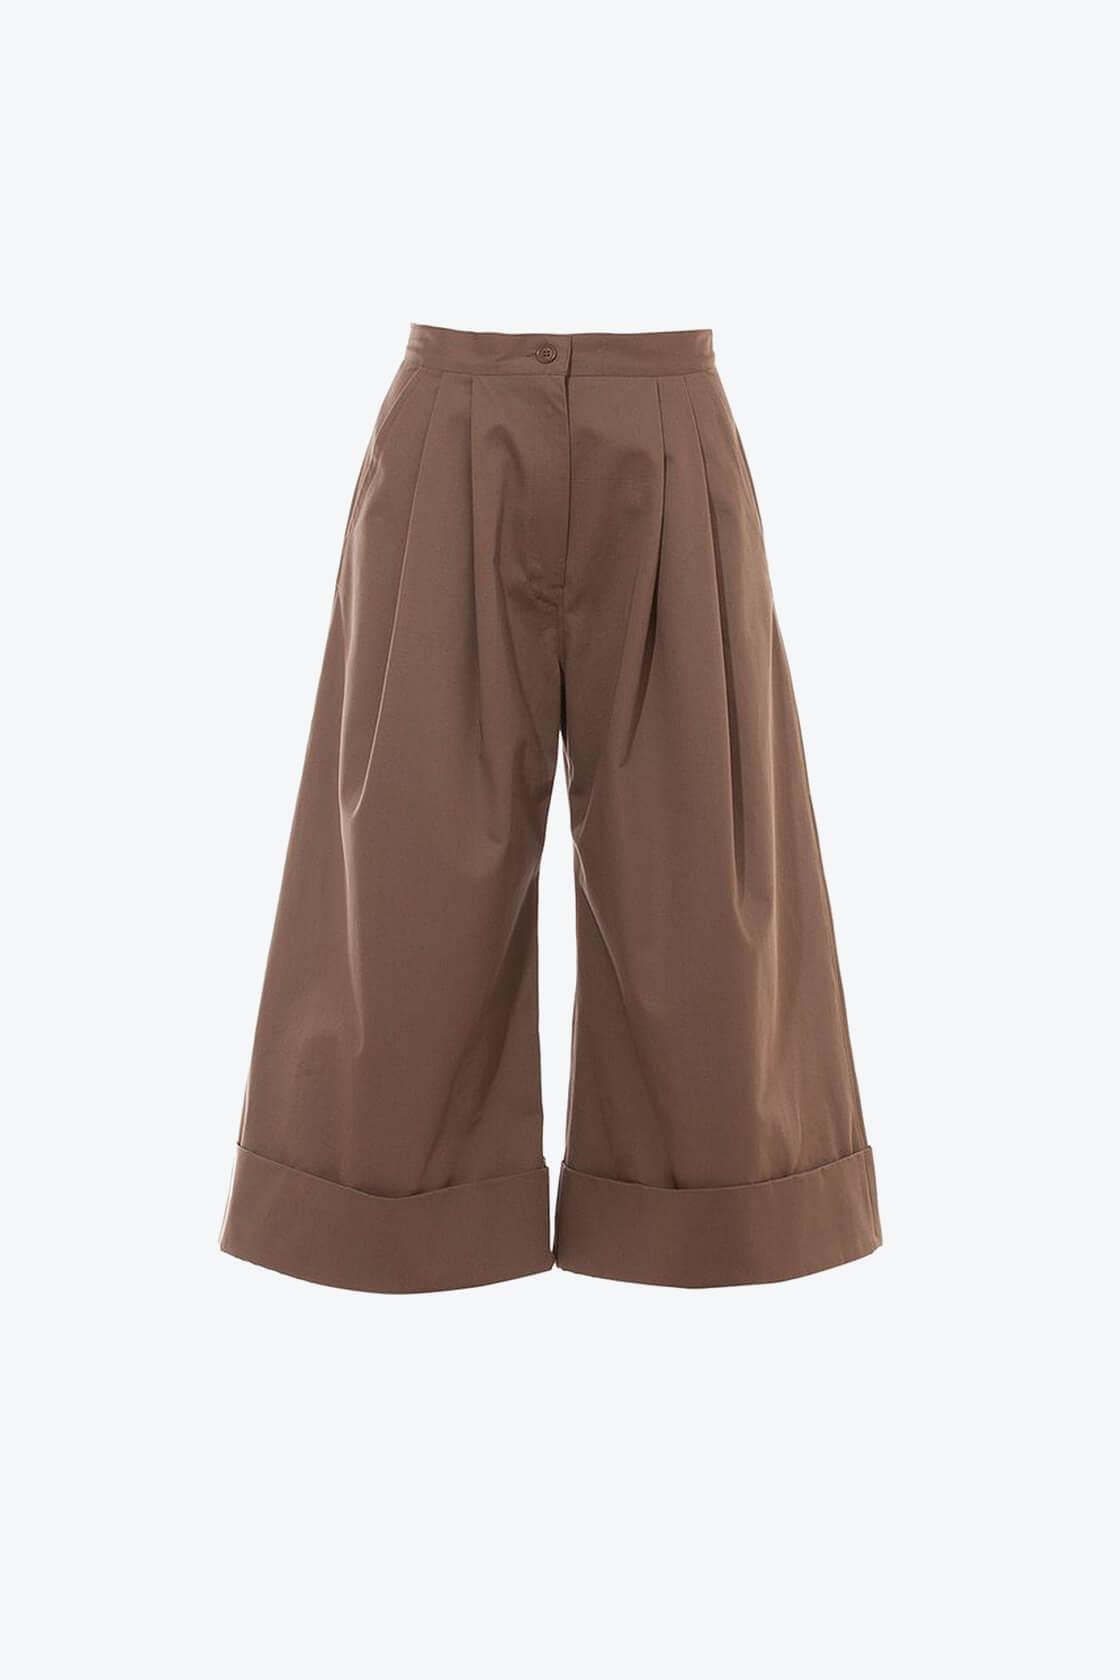 OL10000240 Wide leg 3 4 pants khaki1